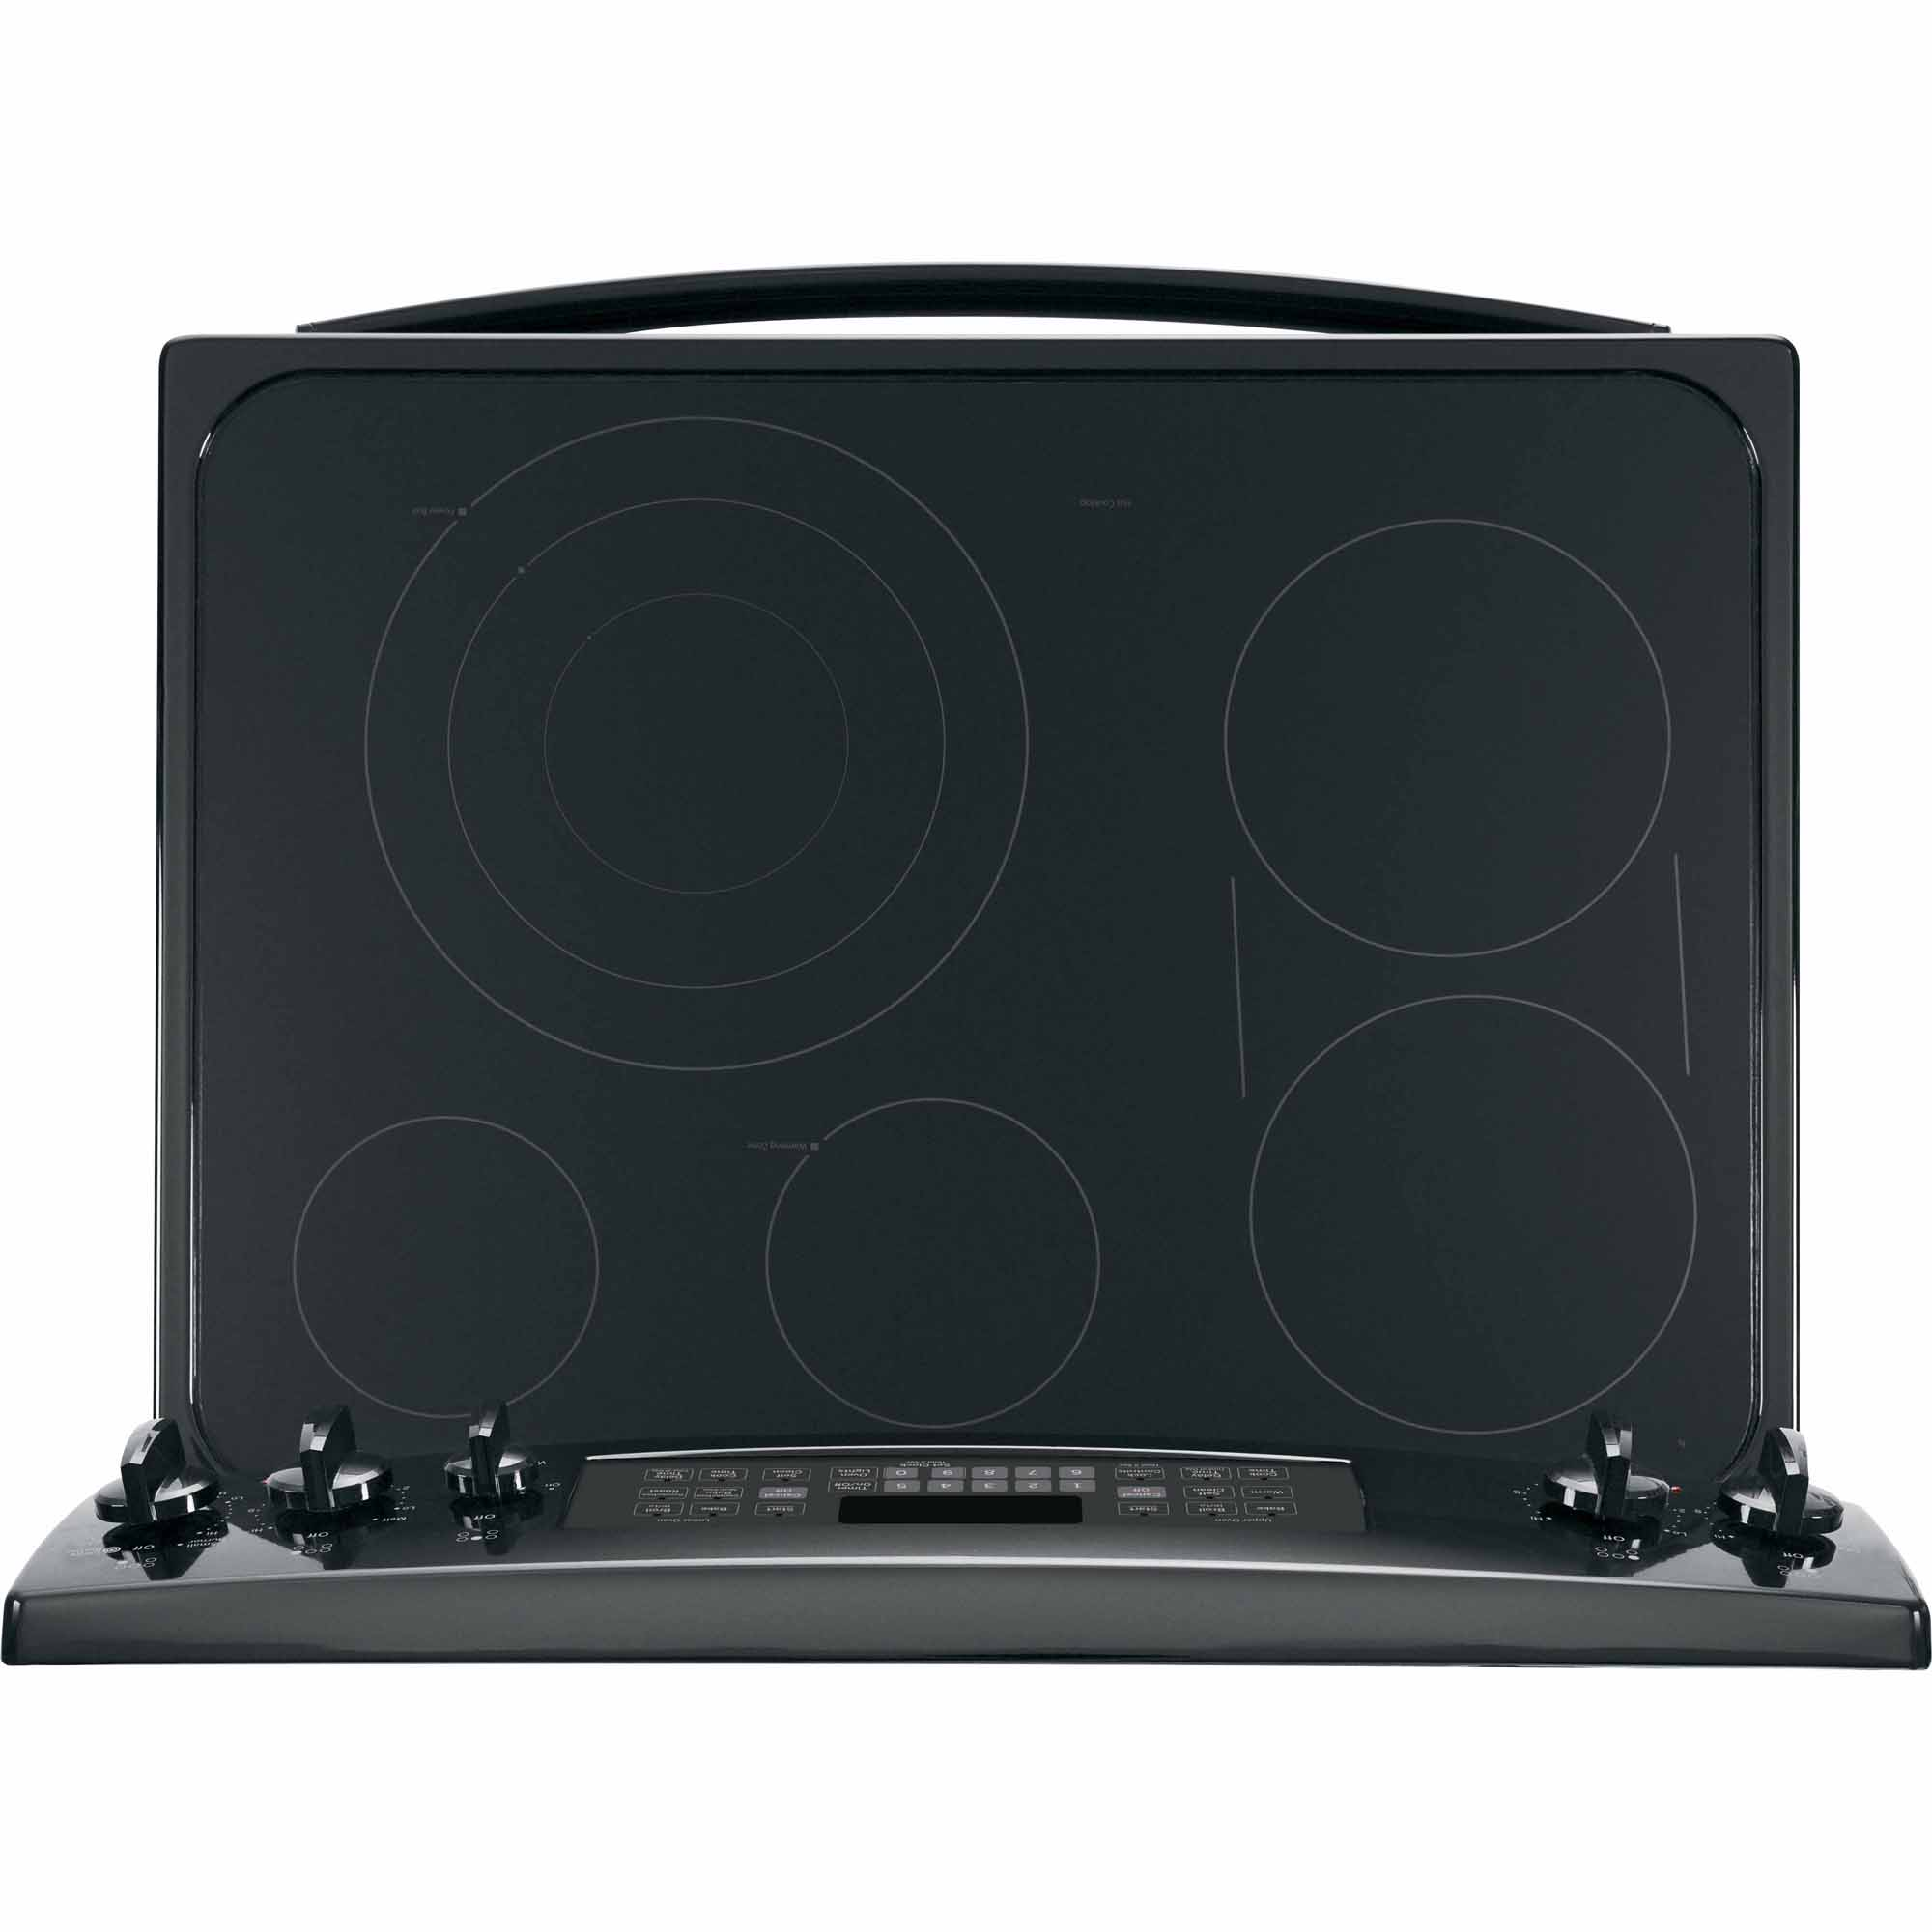 GE Appliances 6.6 cu. ft. Electric Range w/ Convection Oven - Black